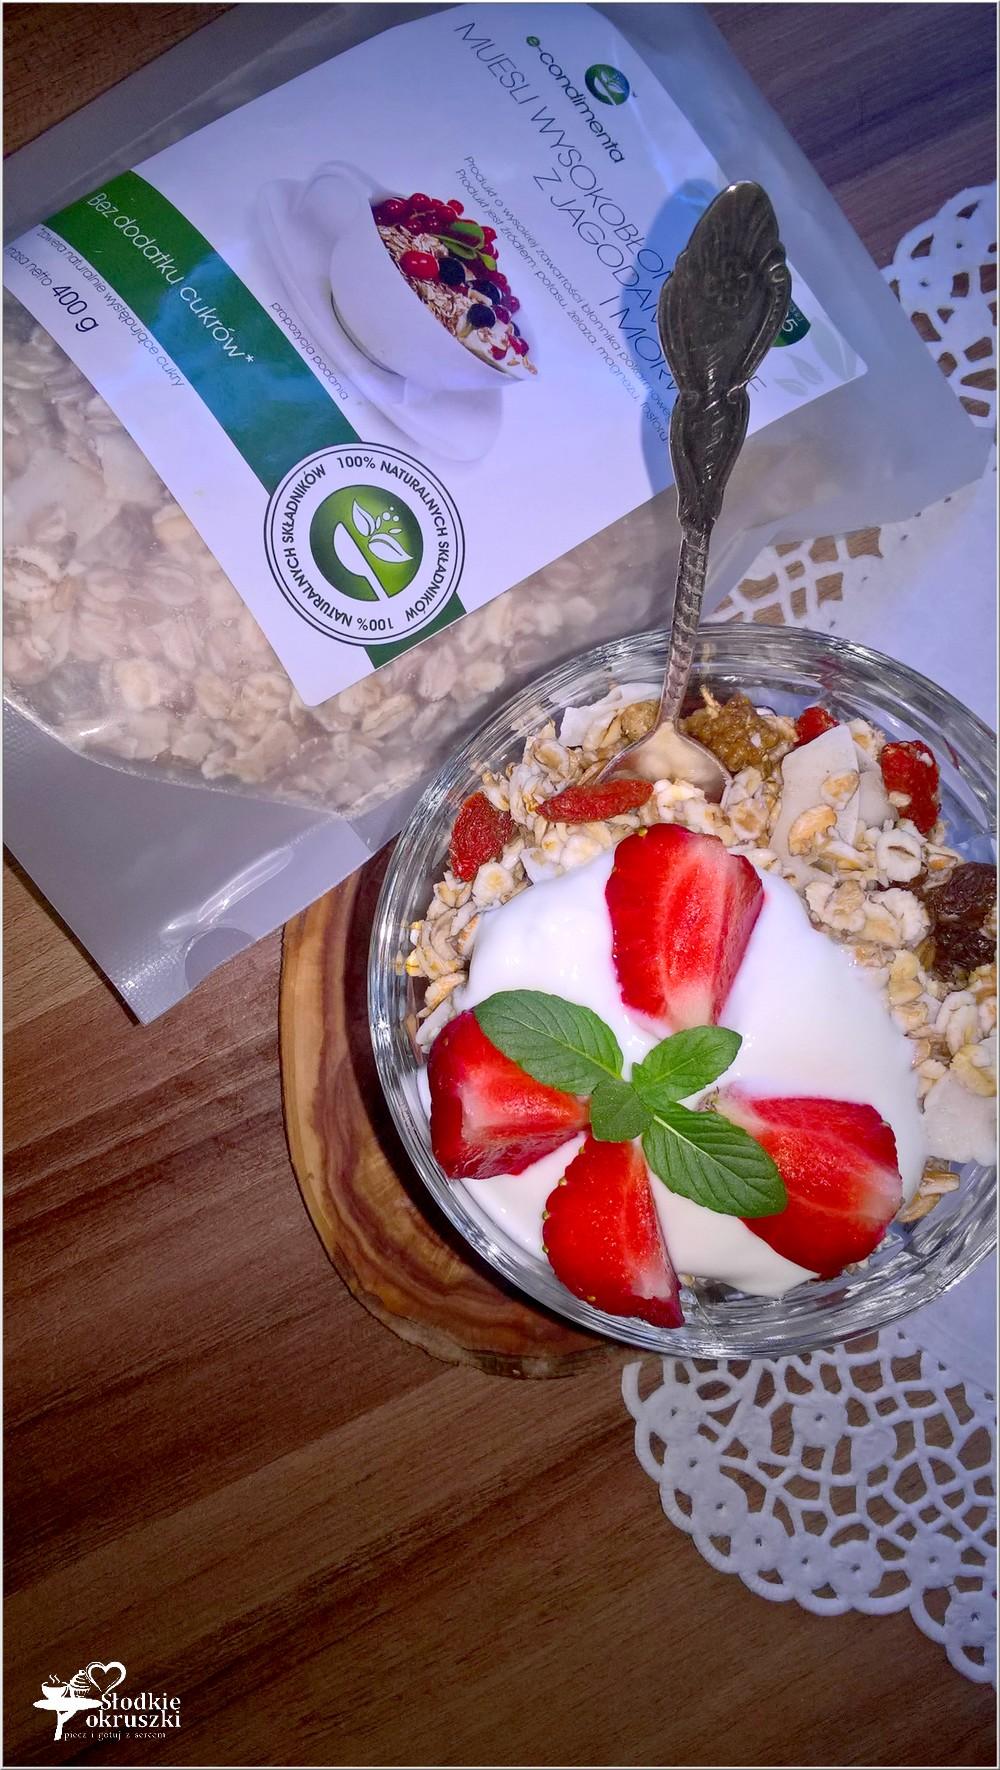 Lekkie śniadanie. Wysokobłonnikowe musli z truskawkami, jagodami goji i morwą (2)